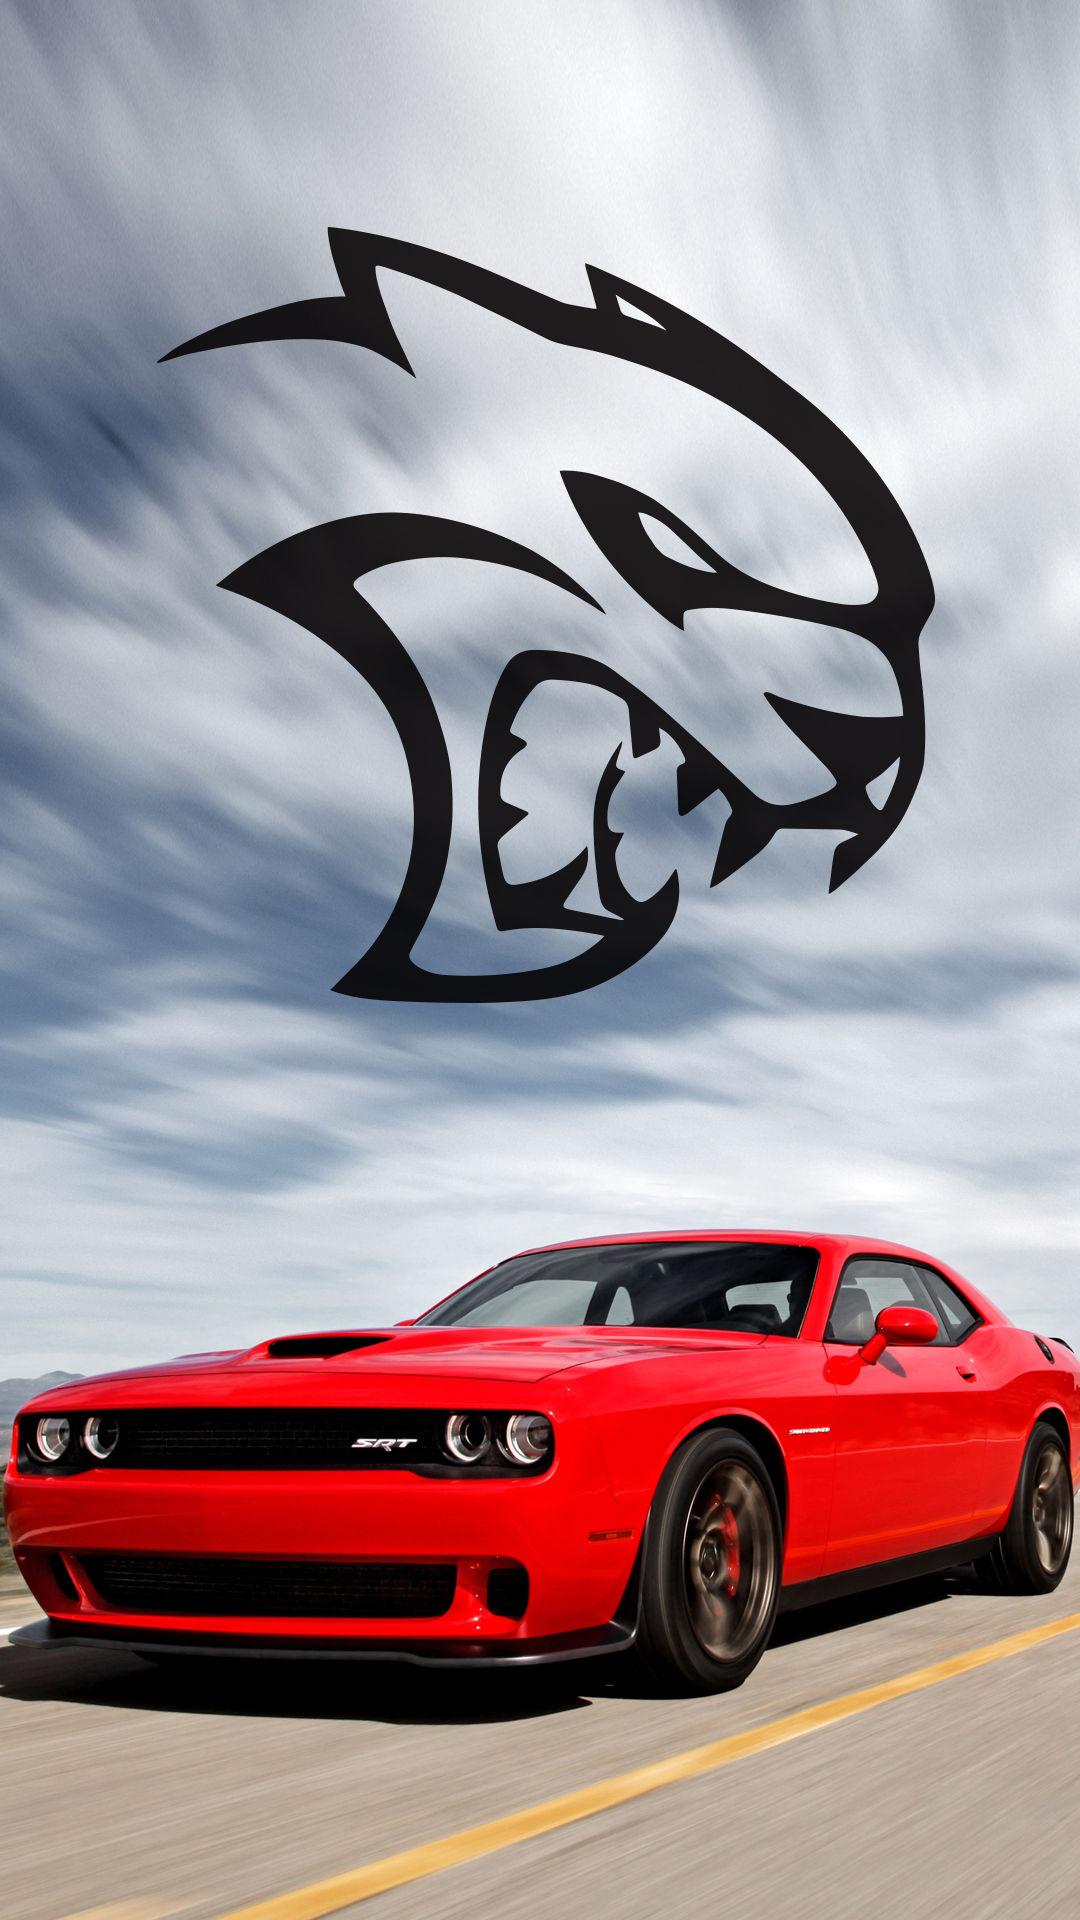 2016 Dodge Challenger Hellcat Wallpaper - WallpaperSafari